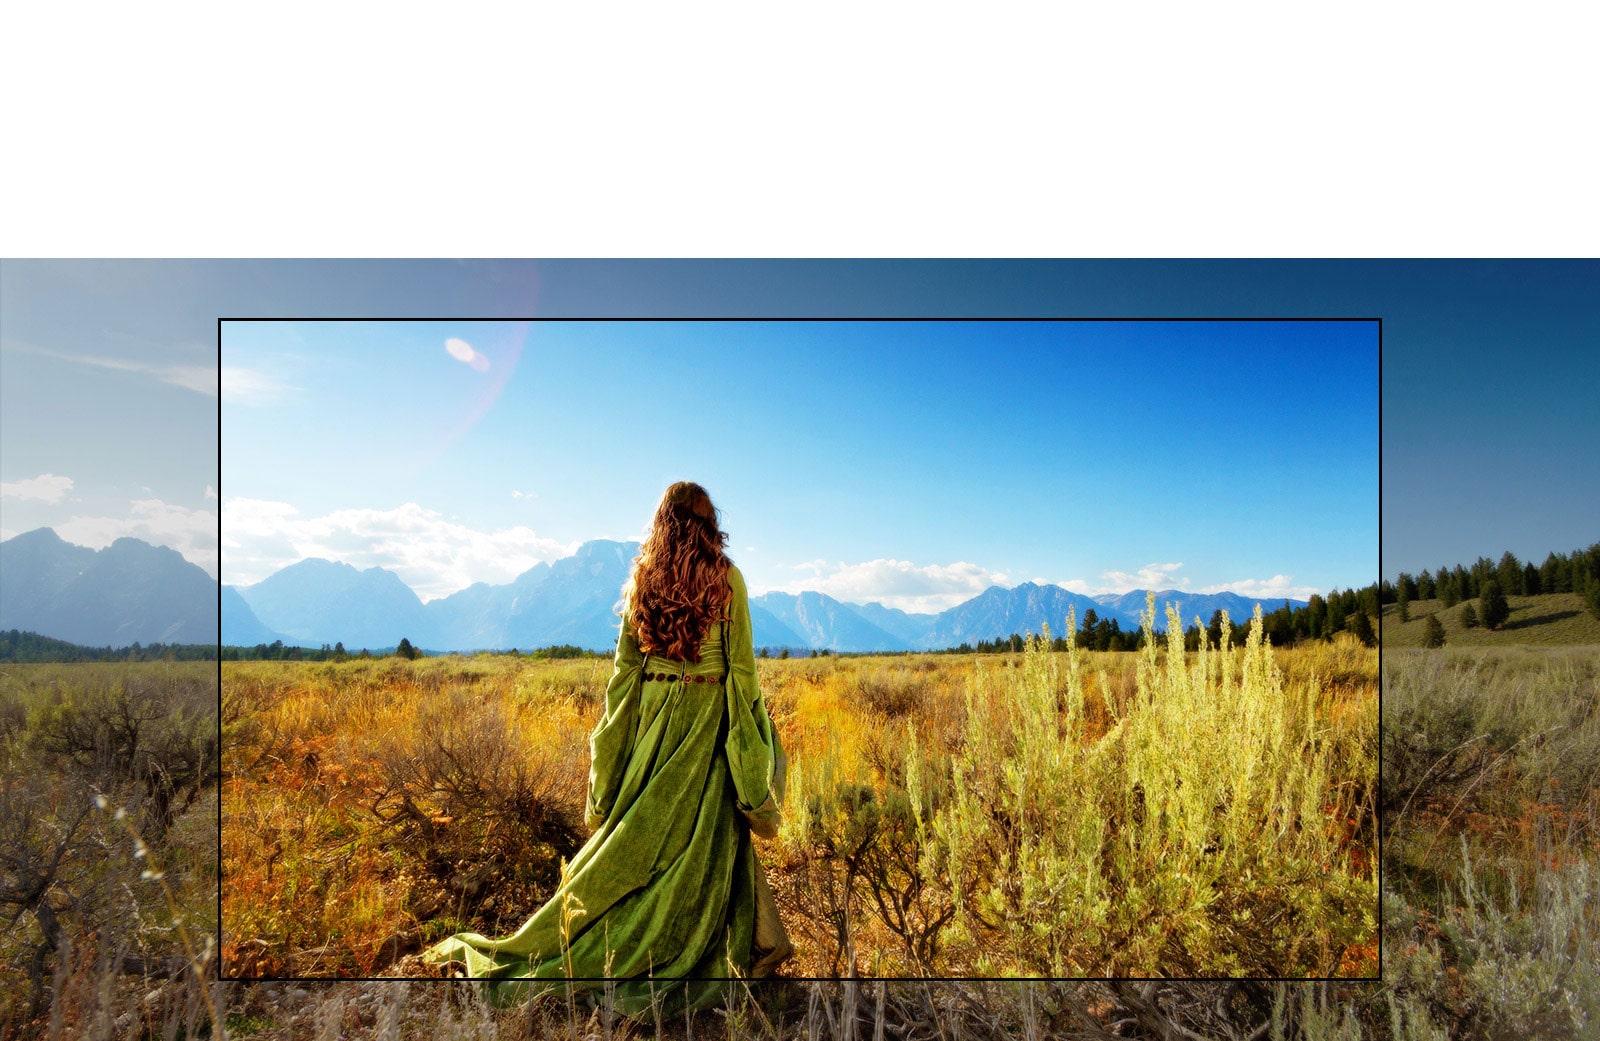 Un écran de télévision montrant une scène d'un film fantastique avec une femme debout dans les champs face aux montagnes.